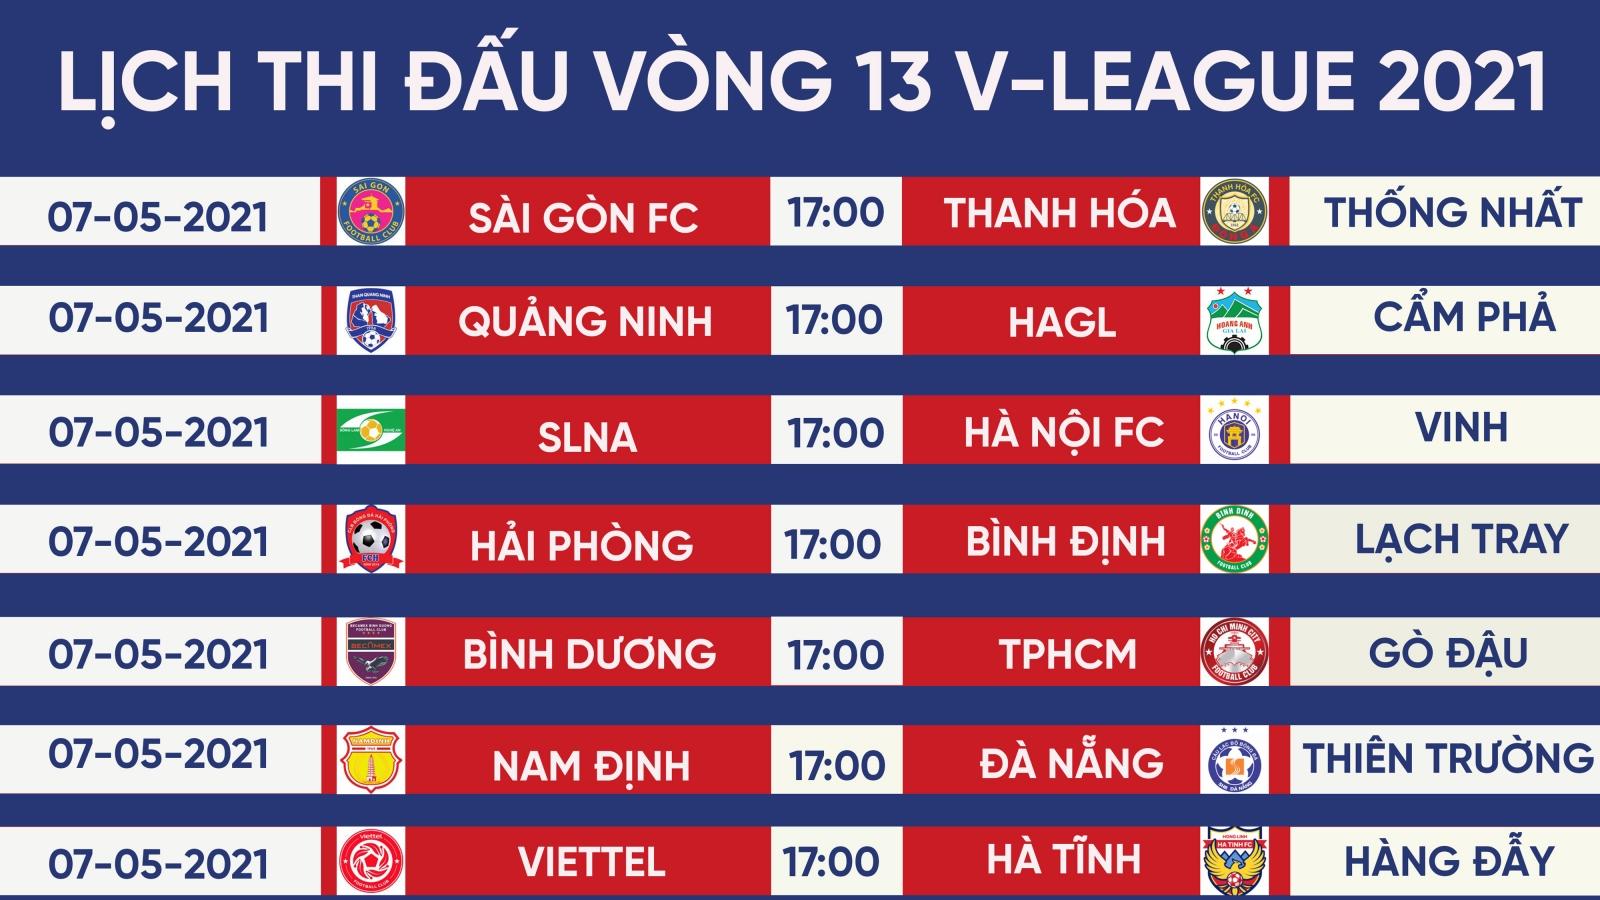 Lịch thi đấu vòng 13 V-League 2021: HAGL gặp đối cứng, Hà Nội FC đọ sức SLNA